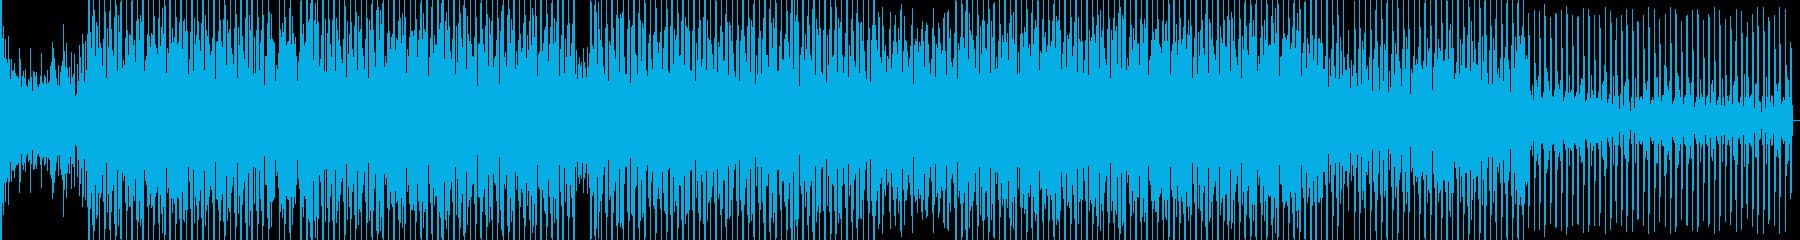 シーケンサー。プログレッシブ。の再生済みの波形